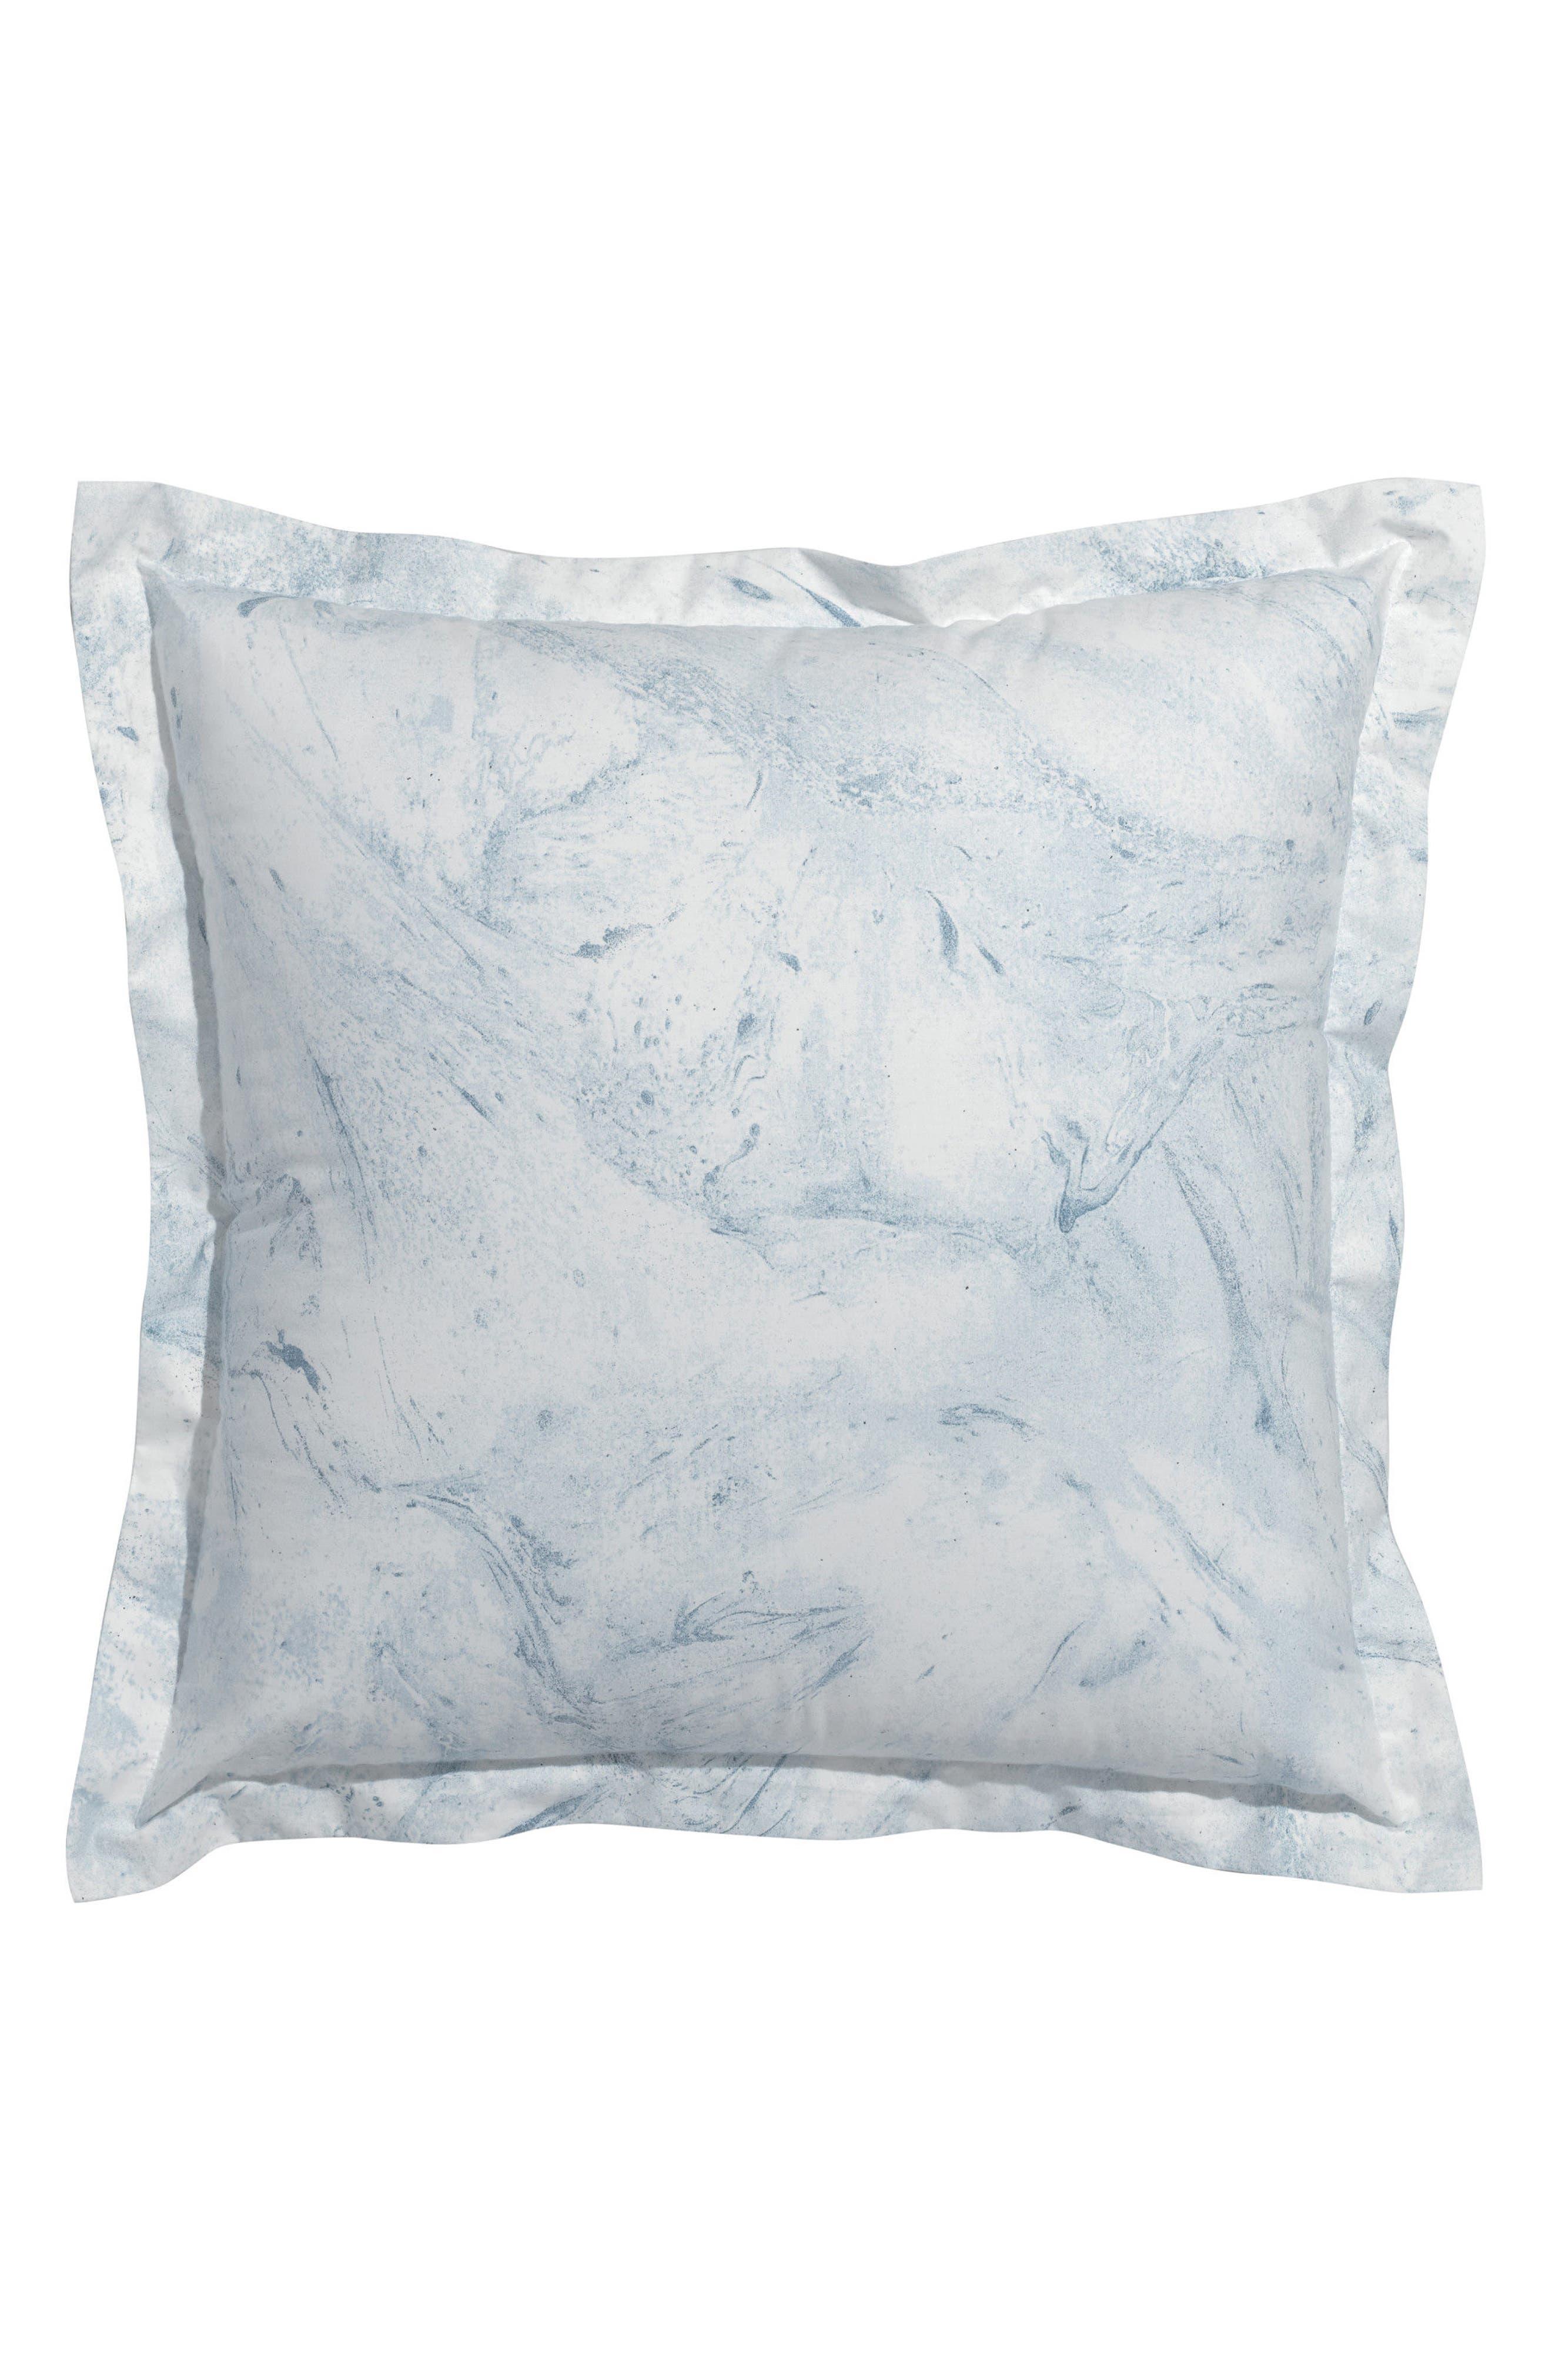 Glacier Bay Square Organic Cotton Accent Pillow,                         Main,                         color, Blue/ Multi